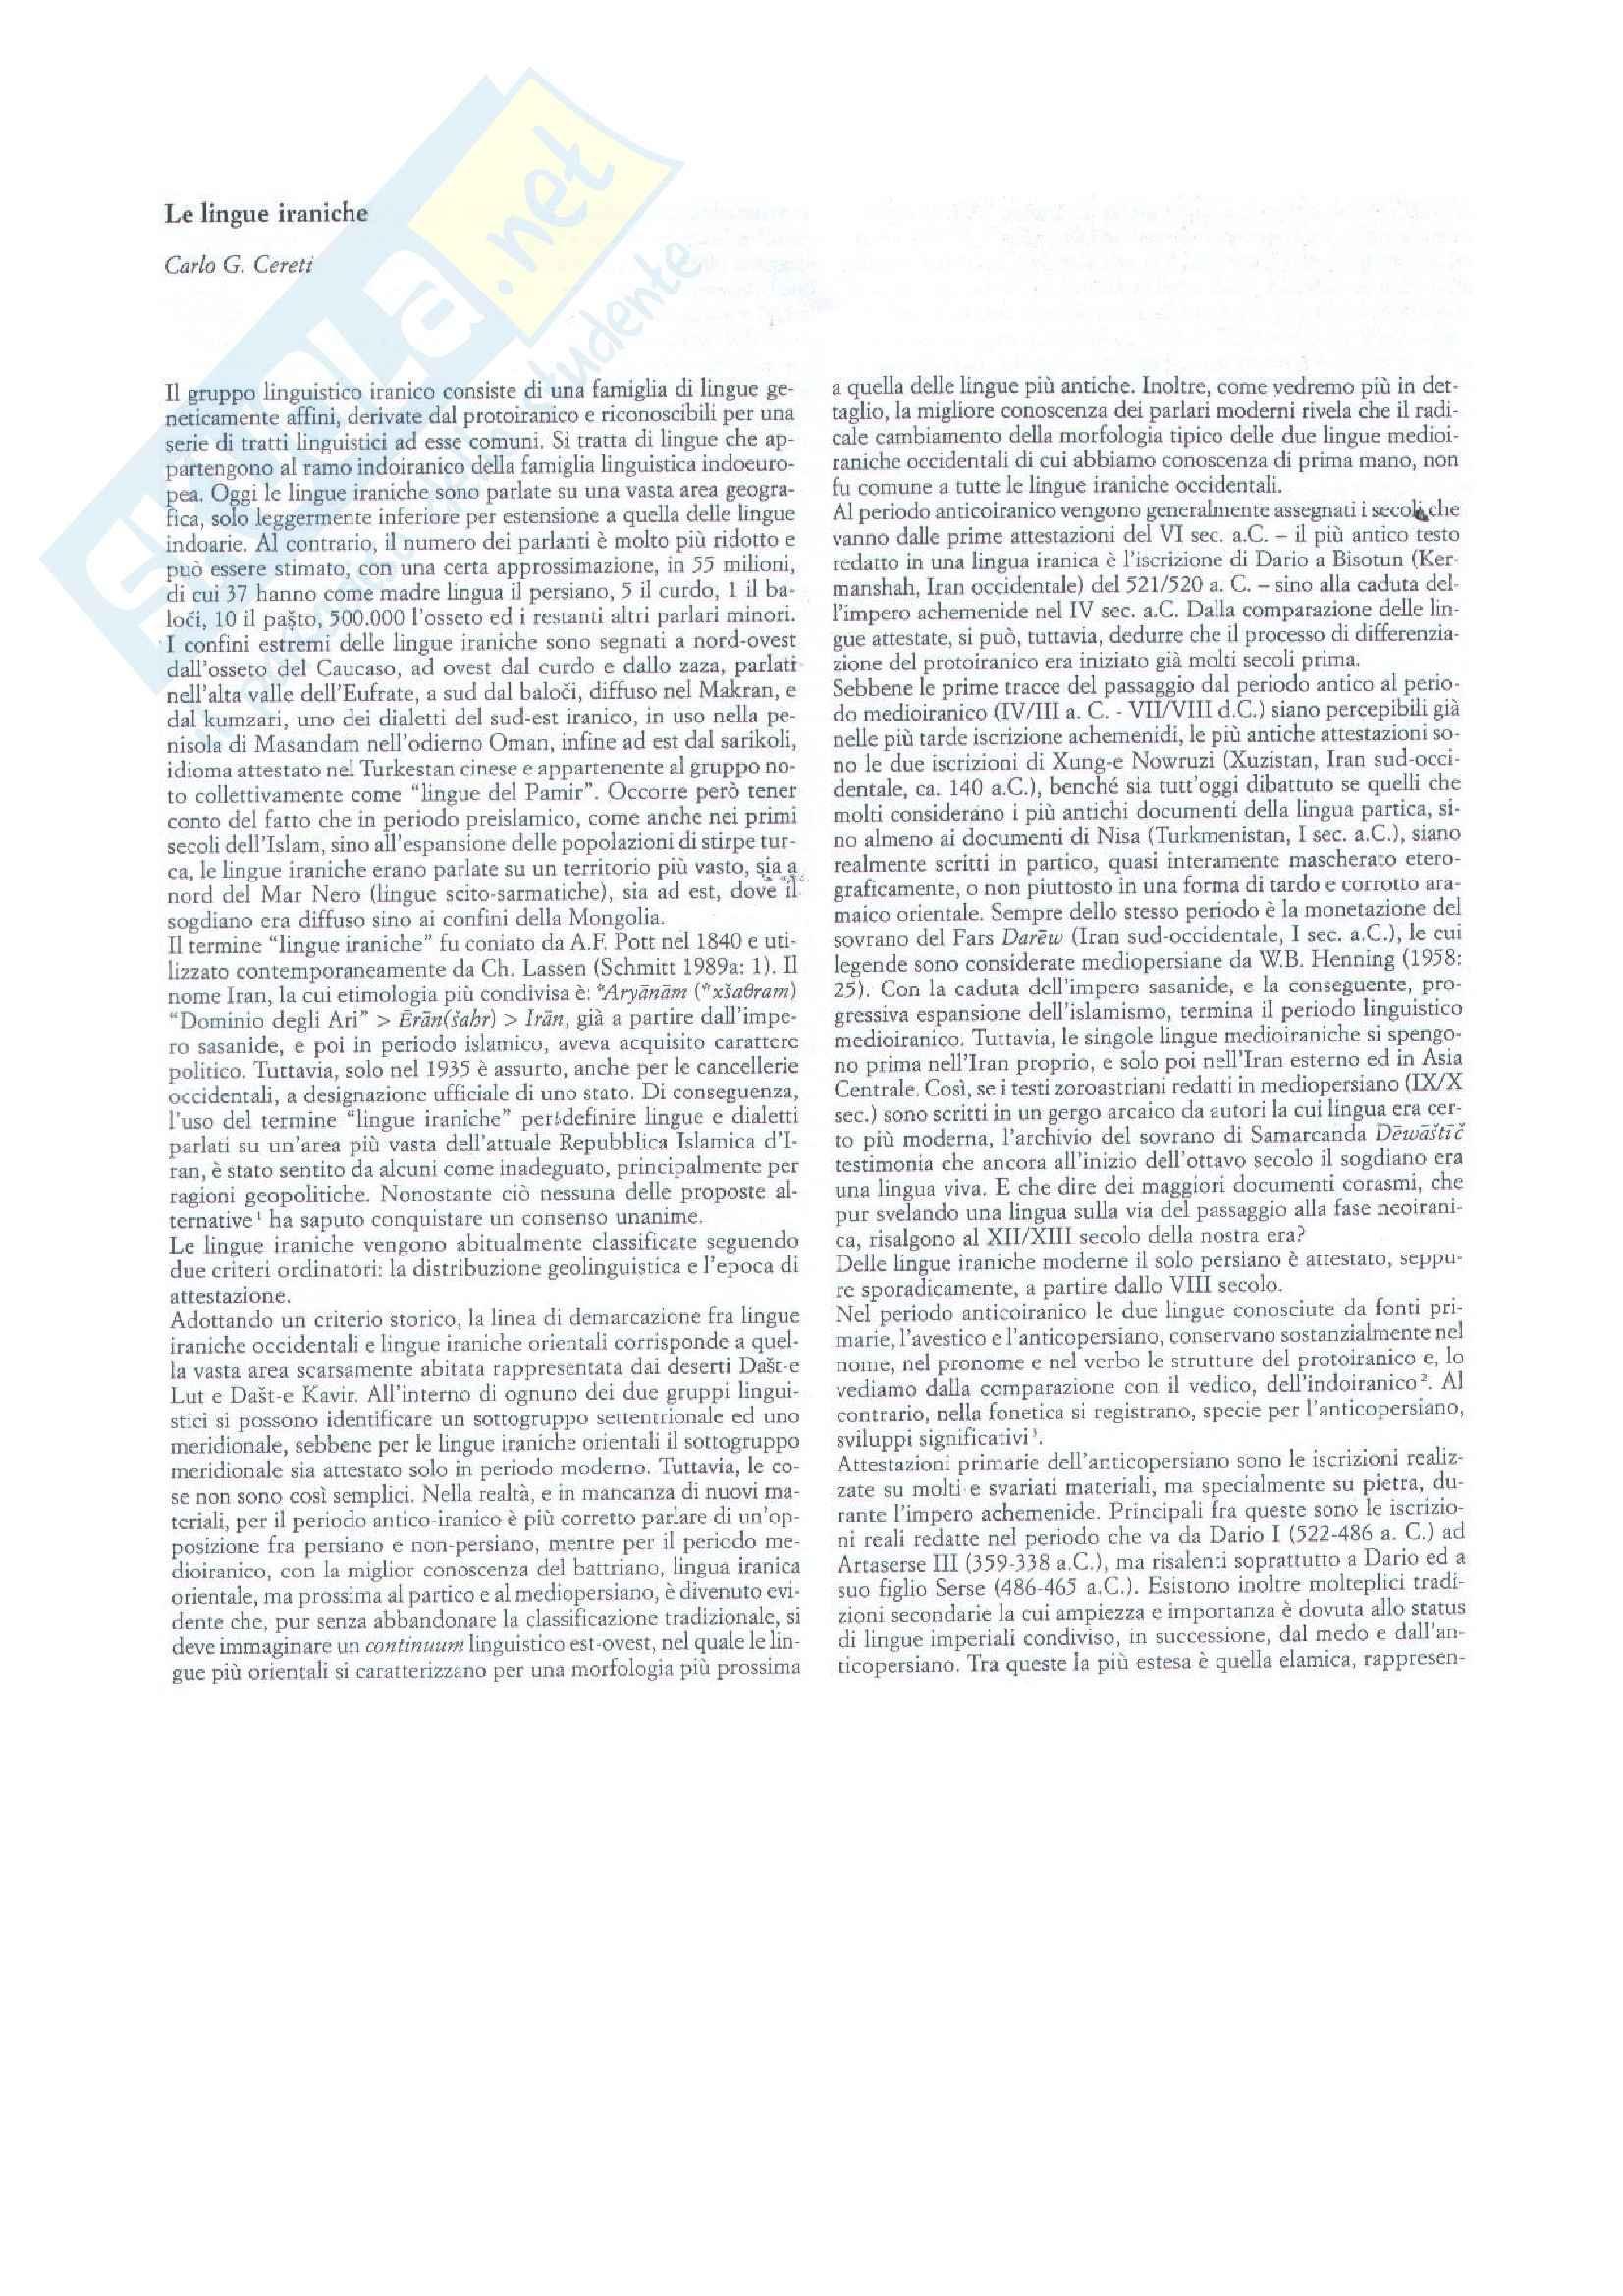 Le lingue iraniche - Appunti